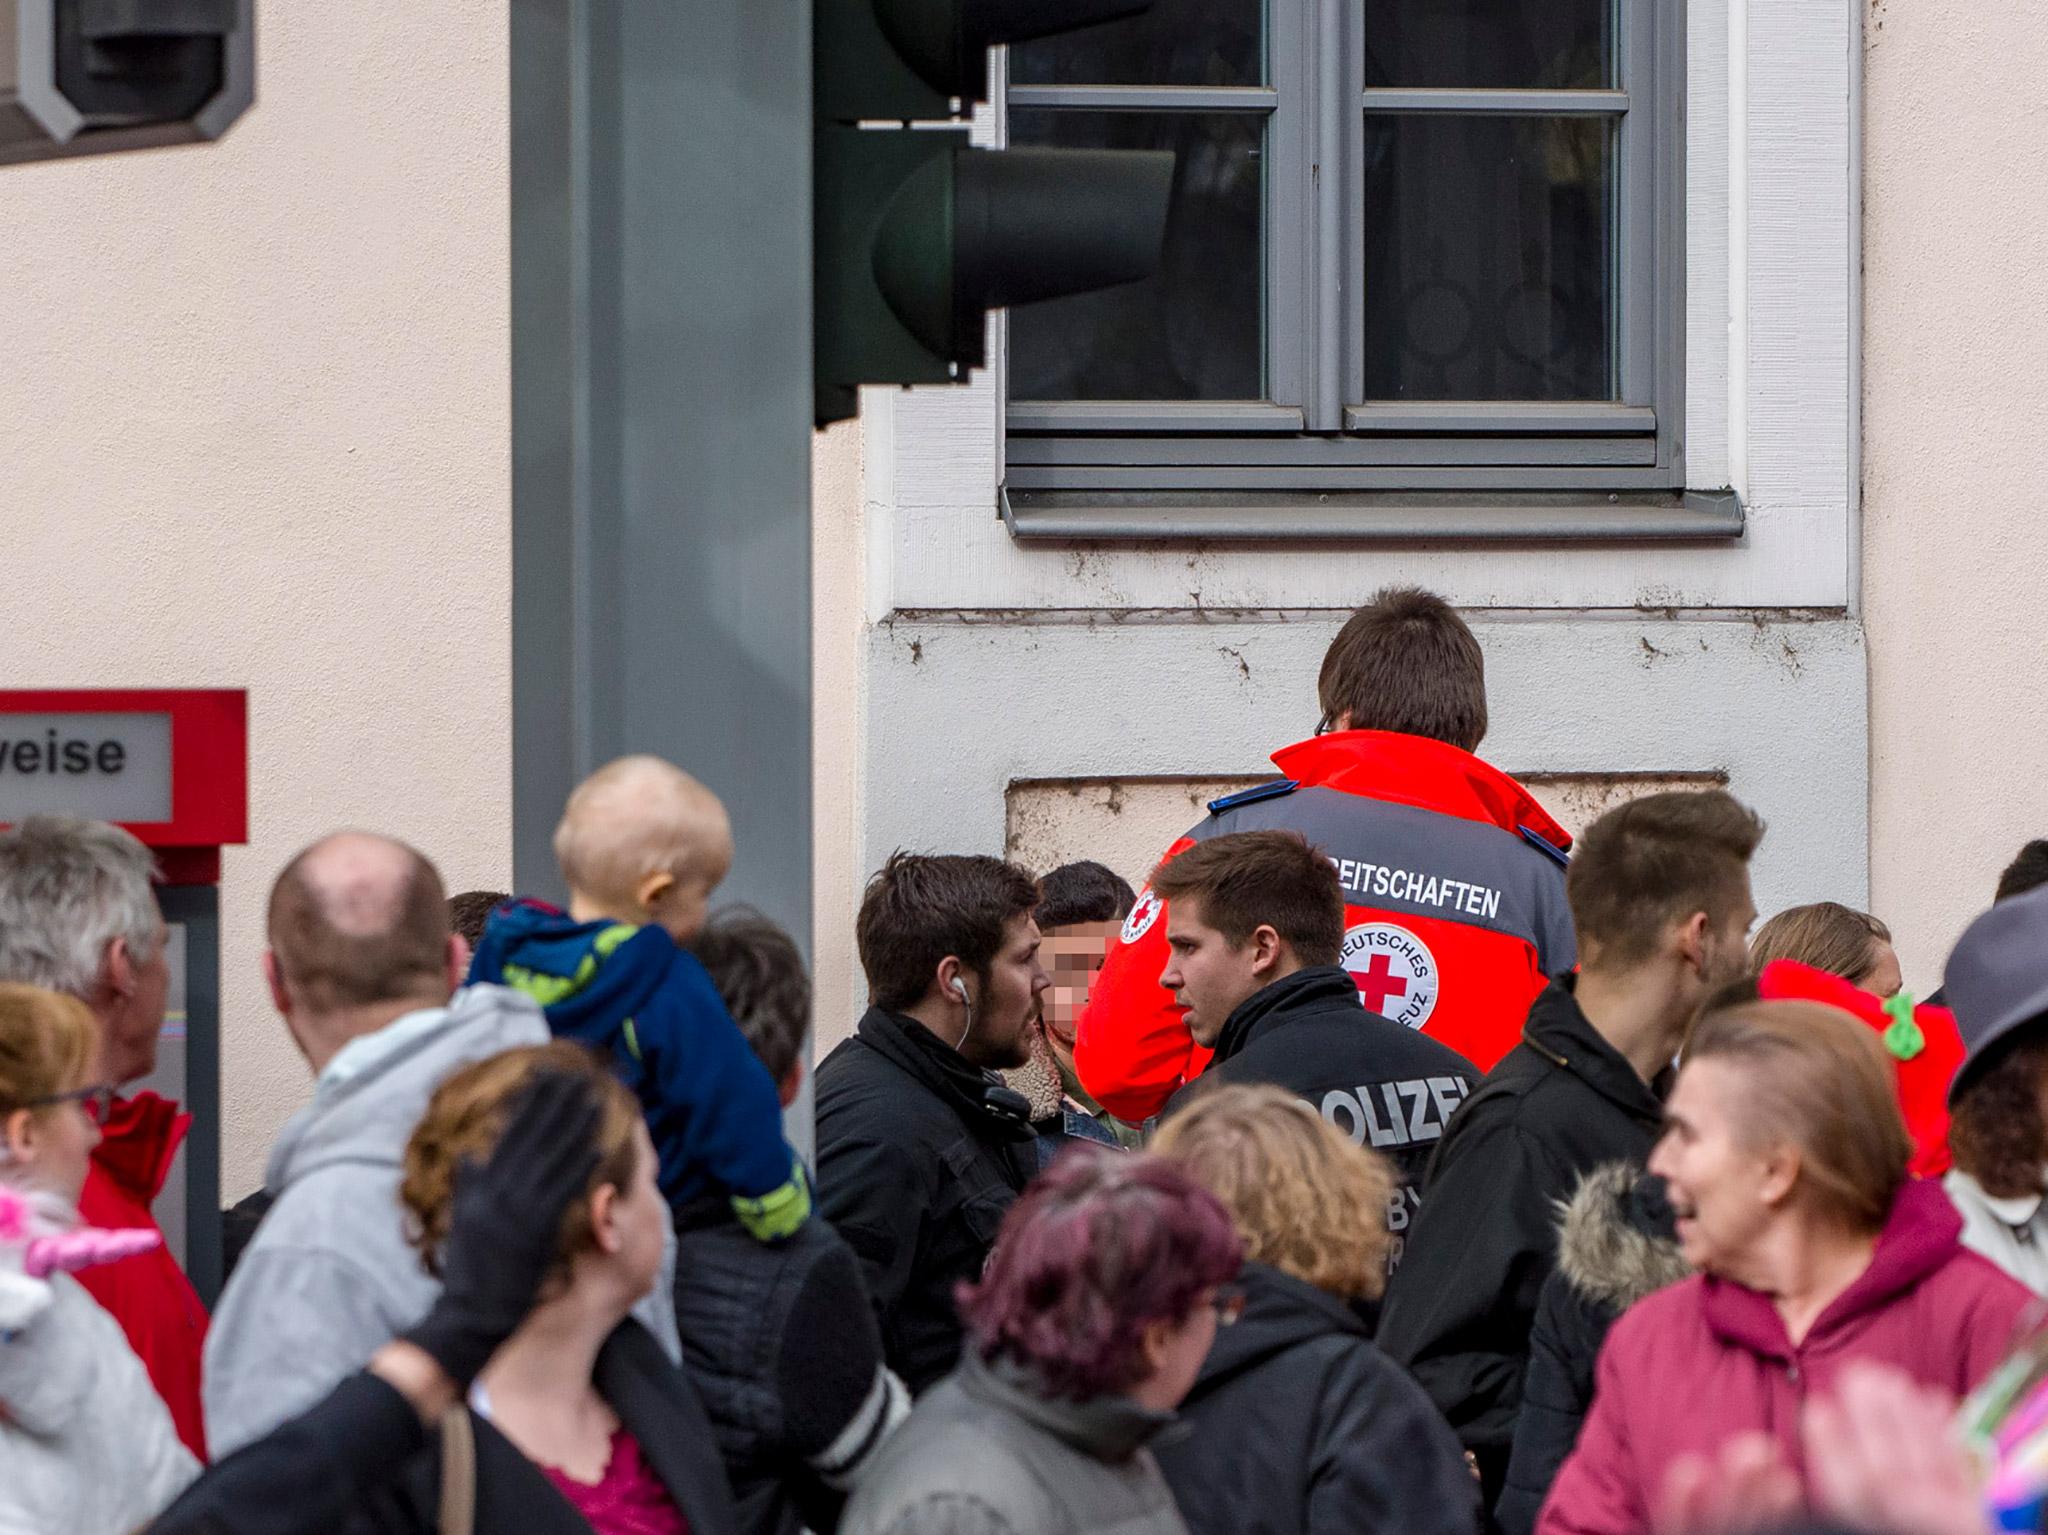 Ein Mann erlitt durch einen Schlag auf den Kopf eine Platzwunde, als er 3 Frauen vor mehreren Männern beschützen wollte. Foto: Pascal Höfig